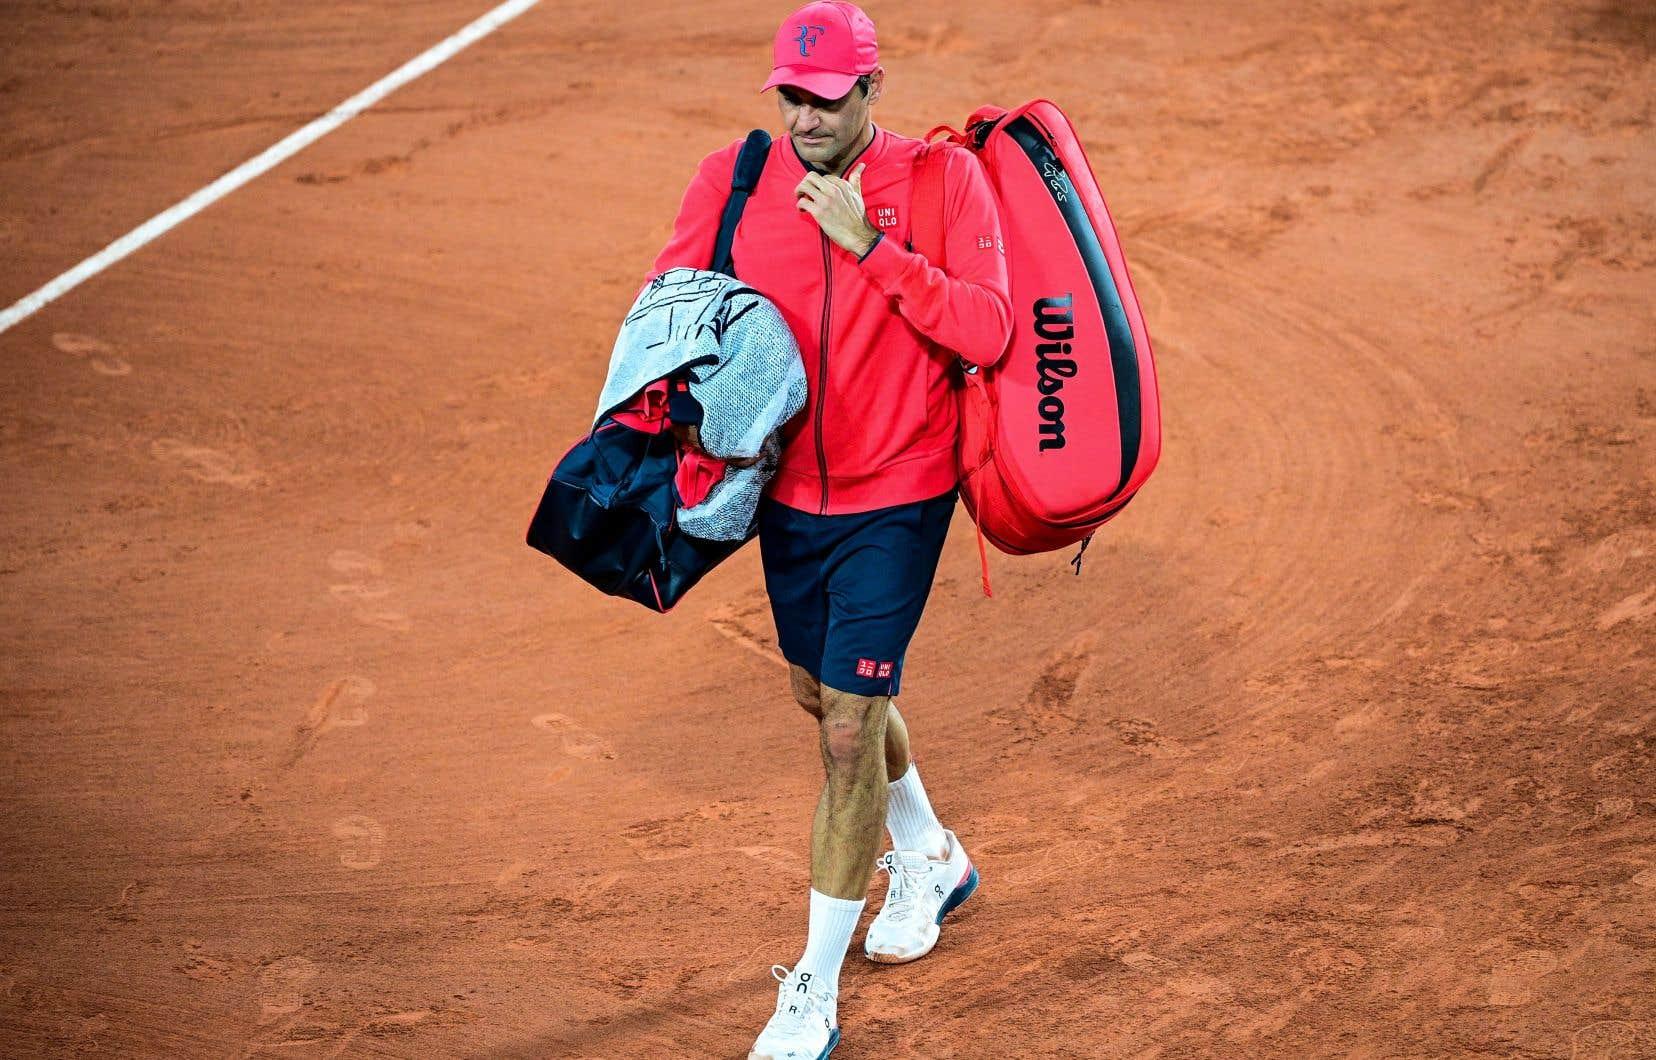 Federer, qui fêtera son 40e anniversaire le 8 août, participait à son premier tournoi majeur depuis les Internationaux d'Australie en 2020. Peu après ce tournoi, il est passé sous le bistouri pour deux opérations au genou droit.